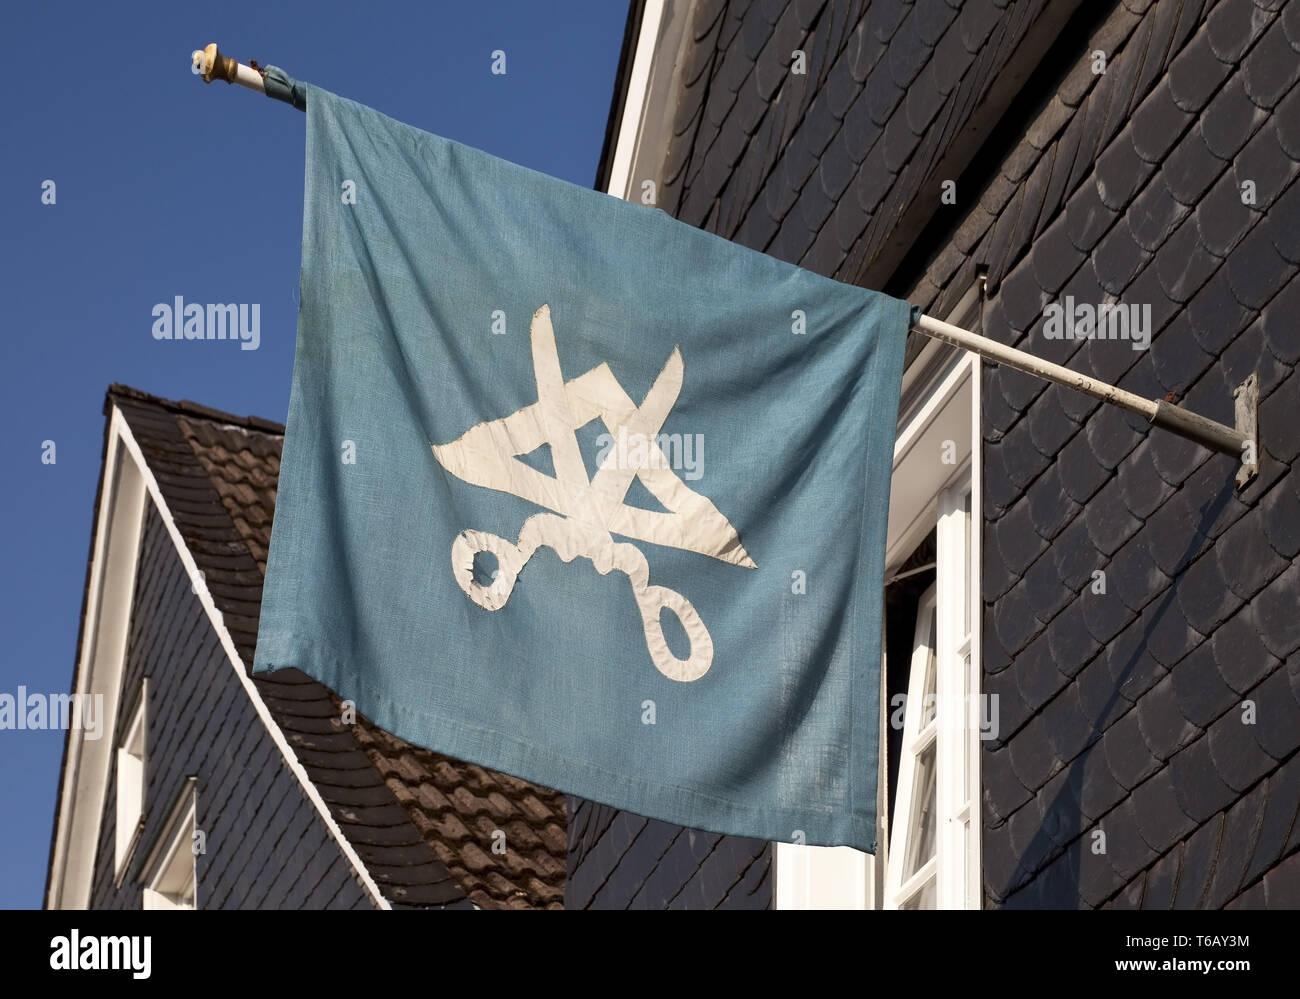 Historische Flagge in der alten Stadt, Hückeswagen, Bergisches Land, Nordrhein-Westfalen, Deutschland Stockbild